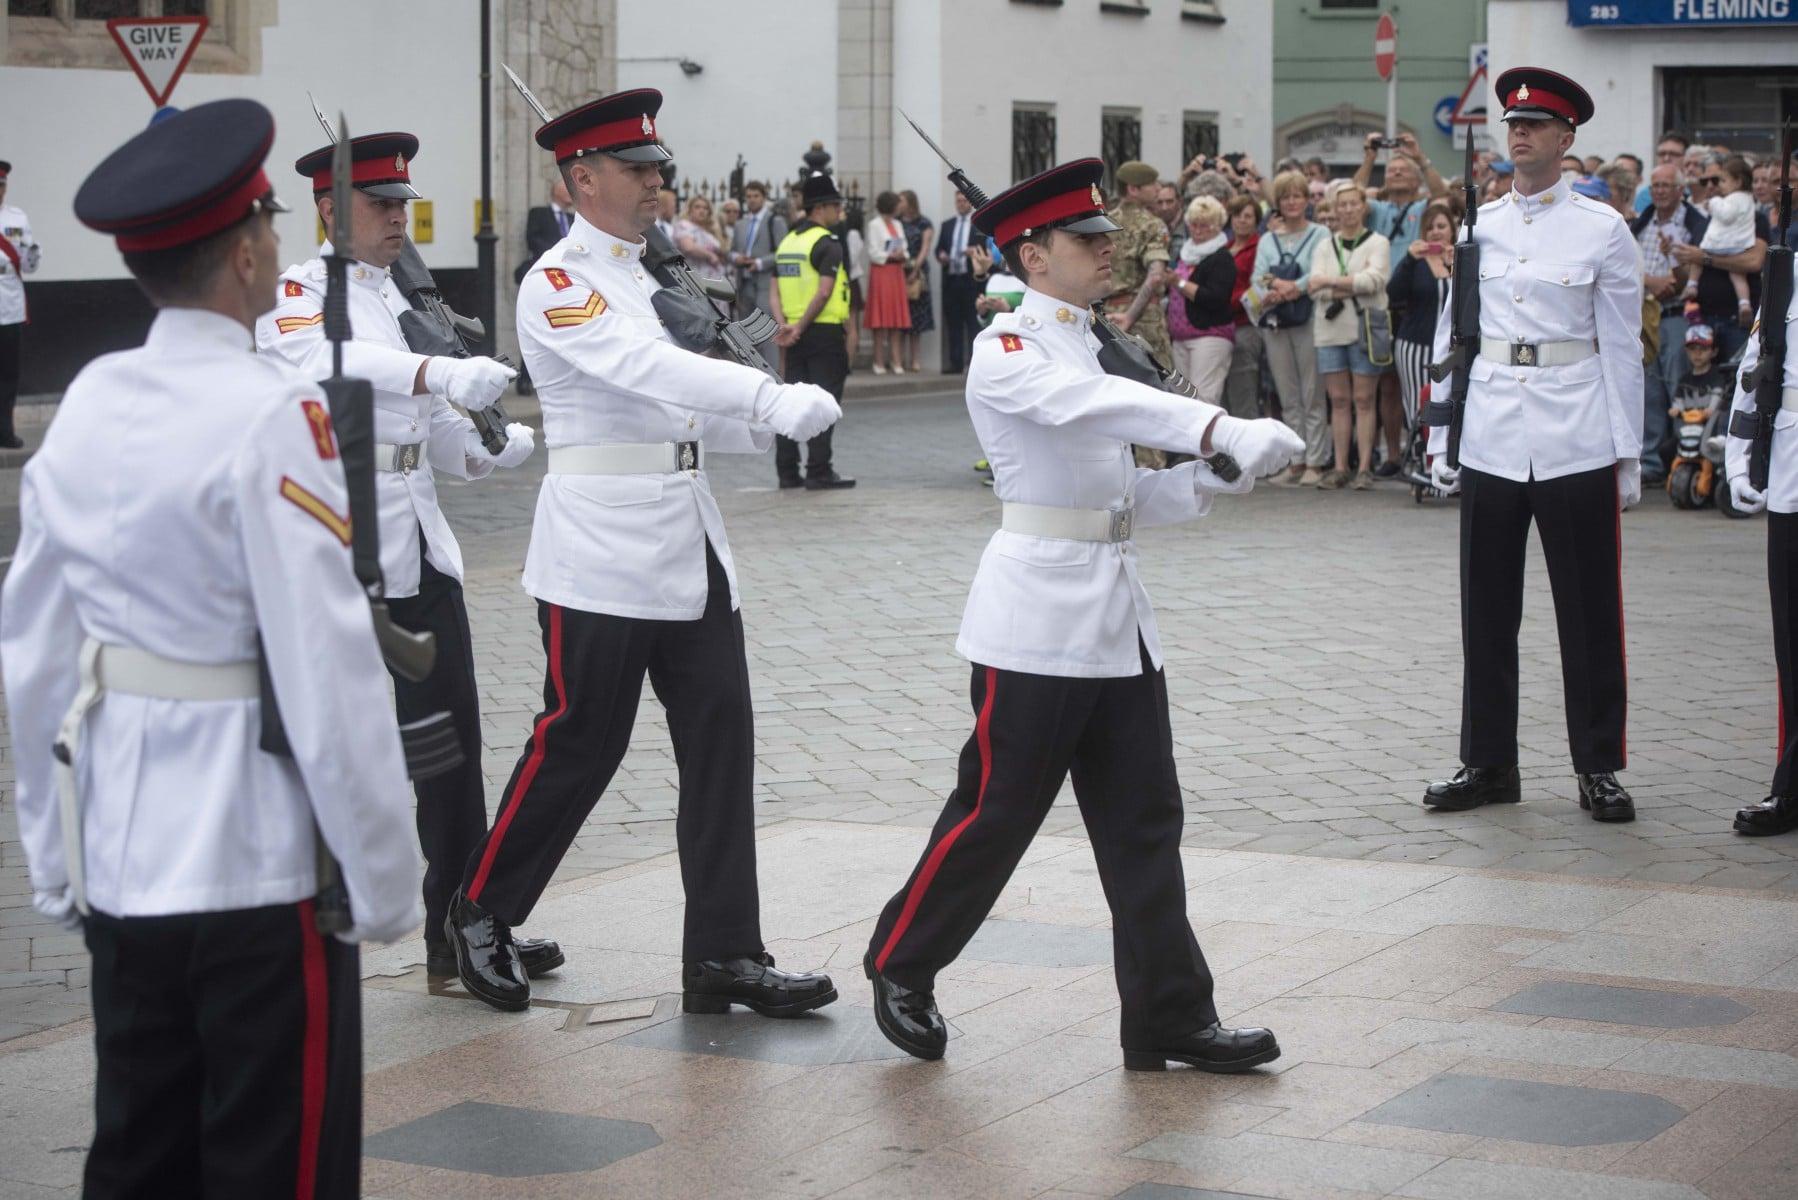 cambio-de-guardia-en-gibraltar-por-boda-real_40402218430_o